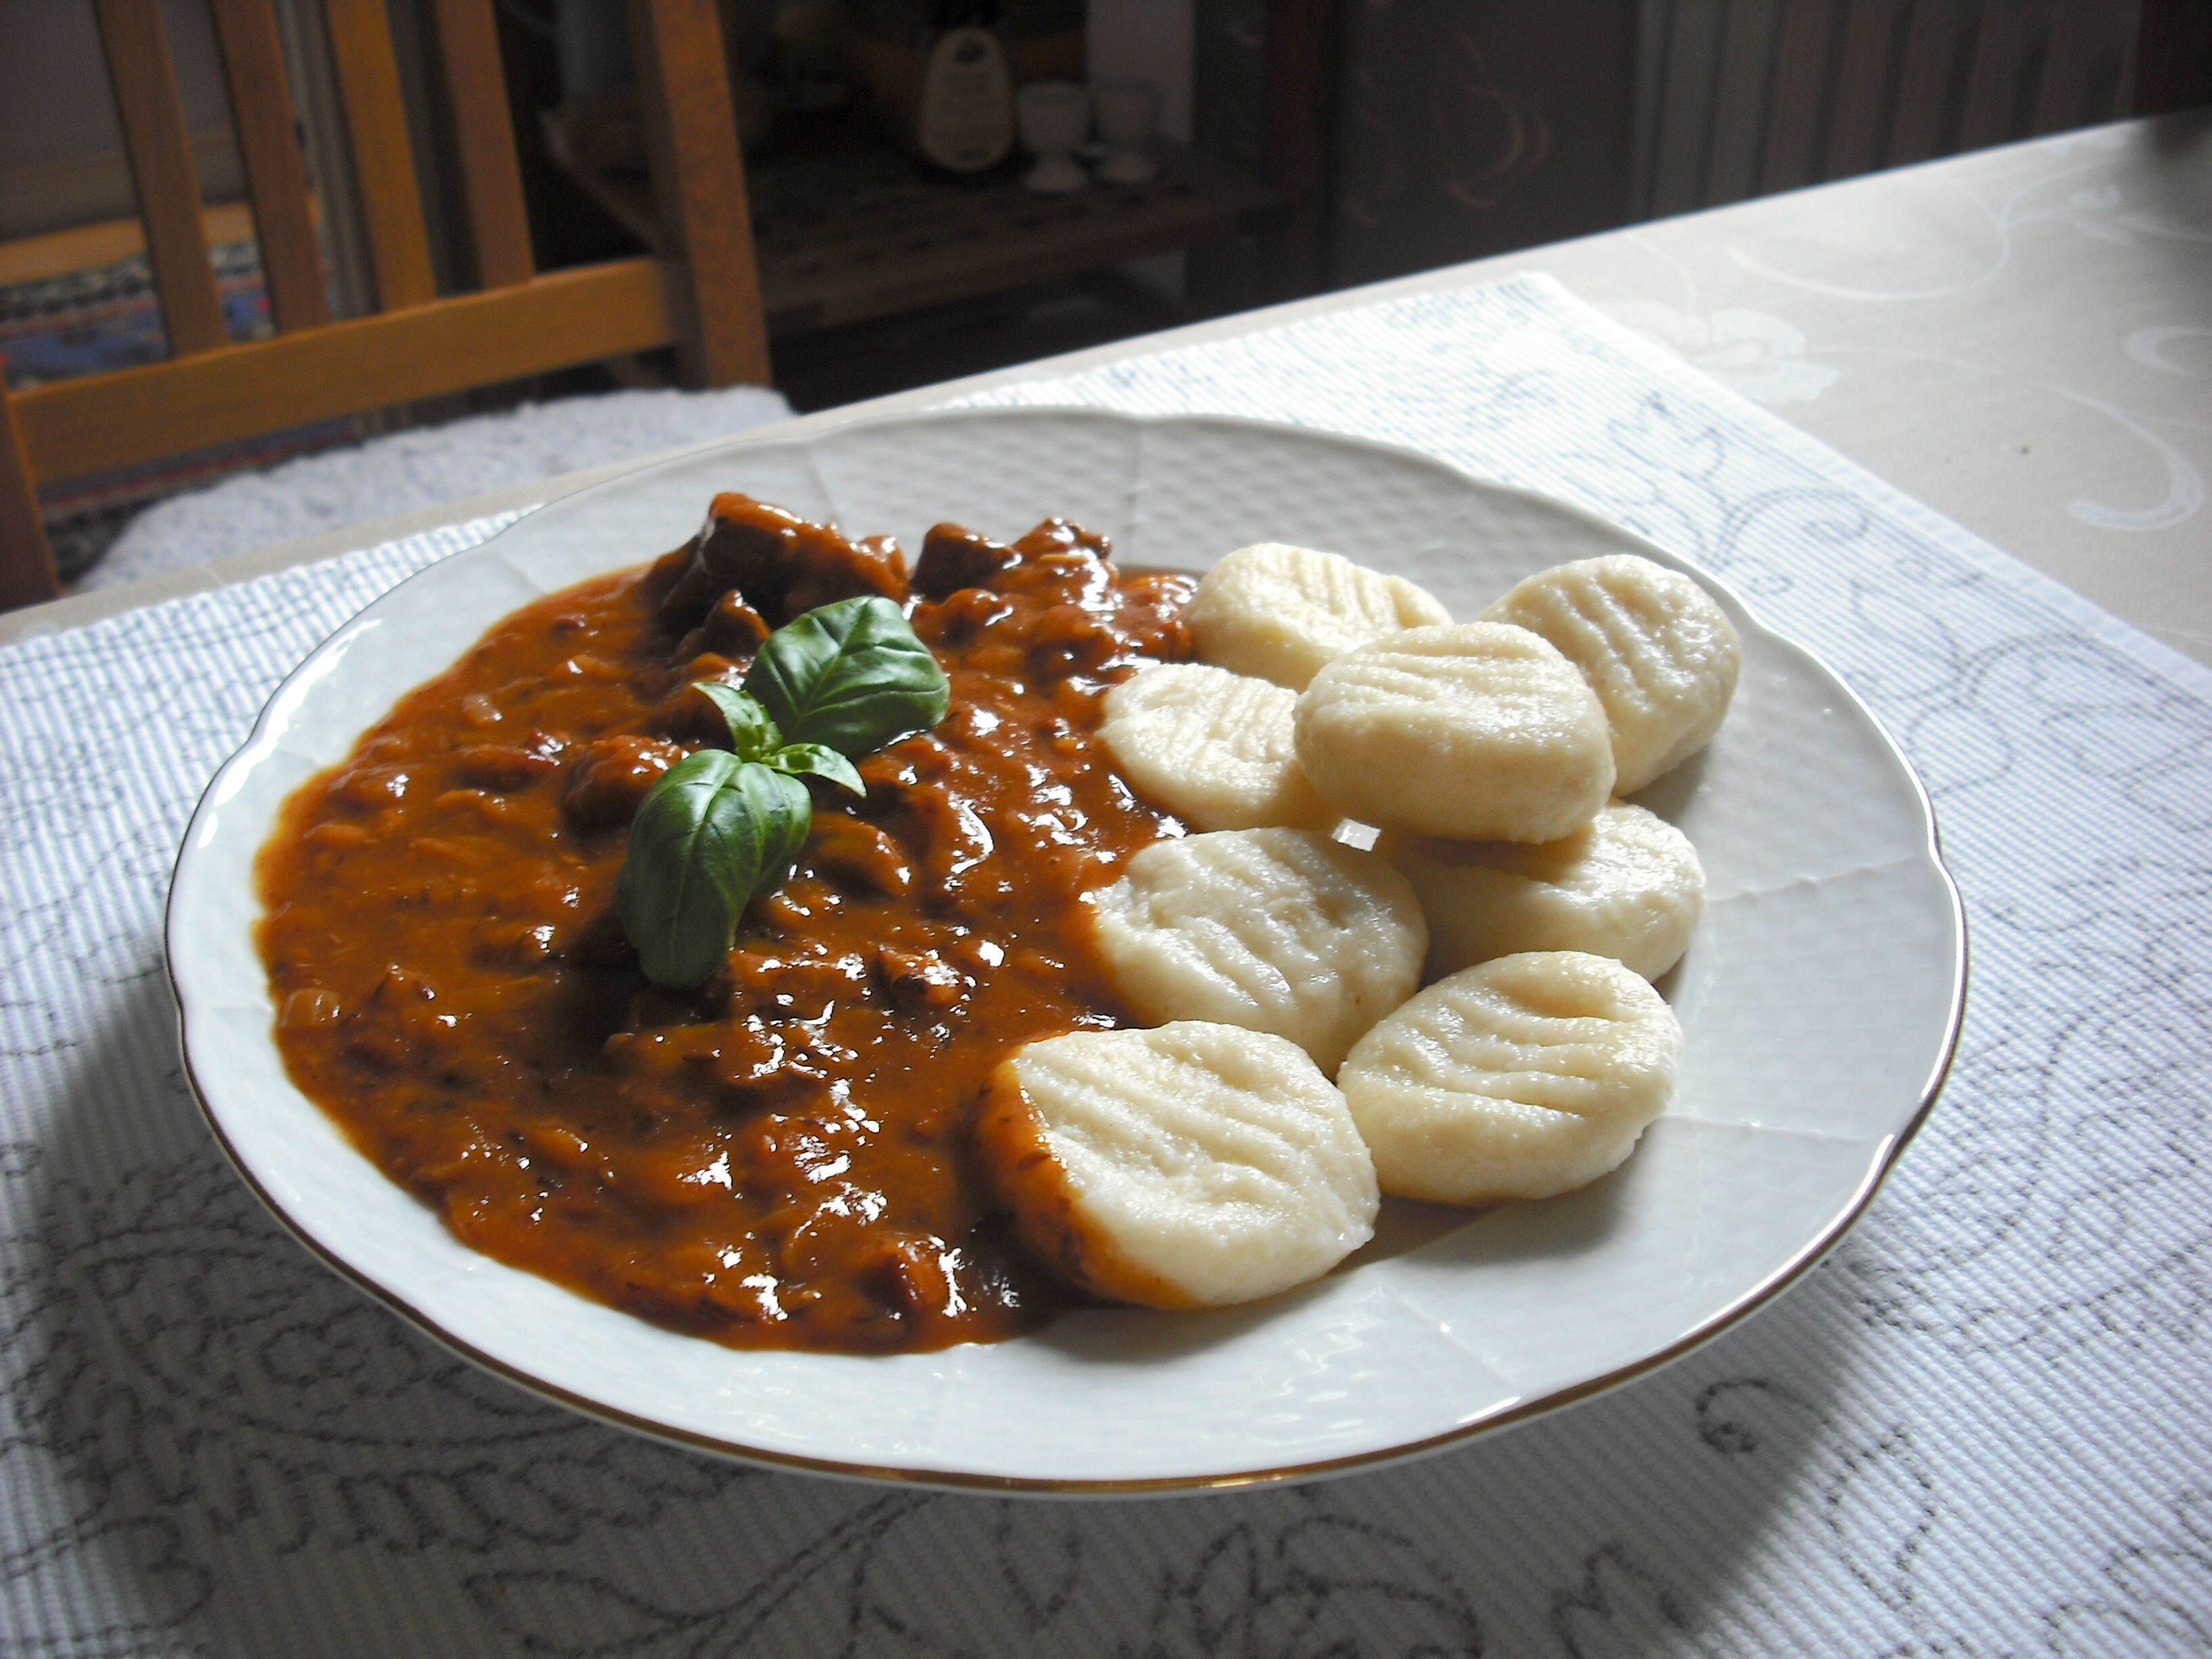 Köttgryta med kokta potatisbollar